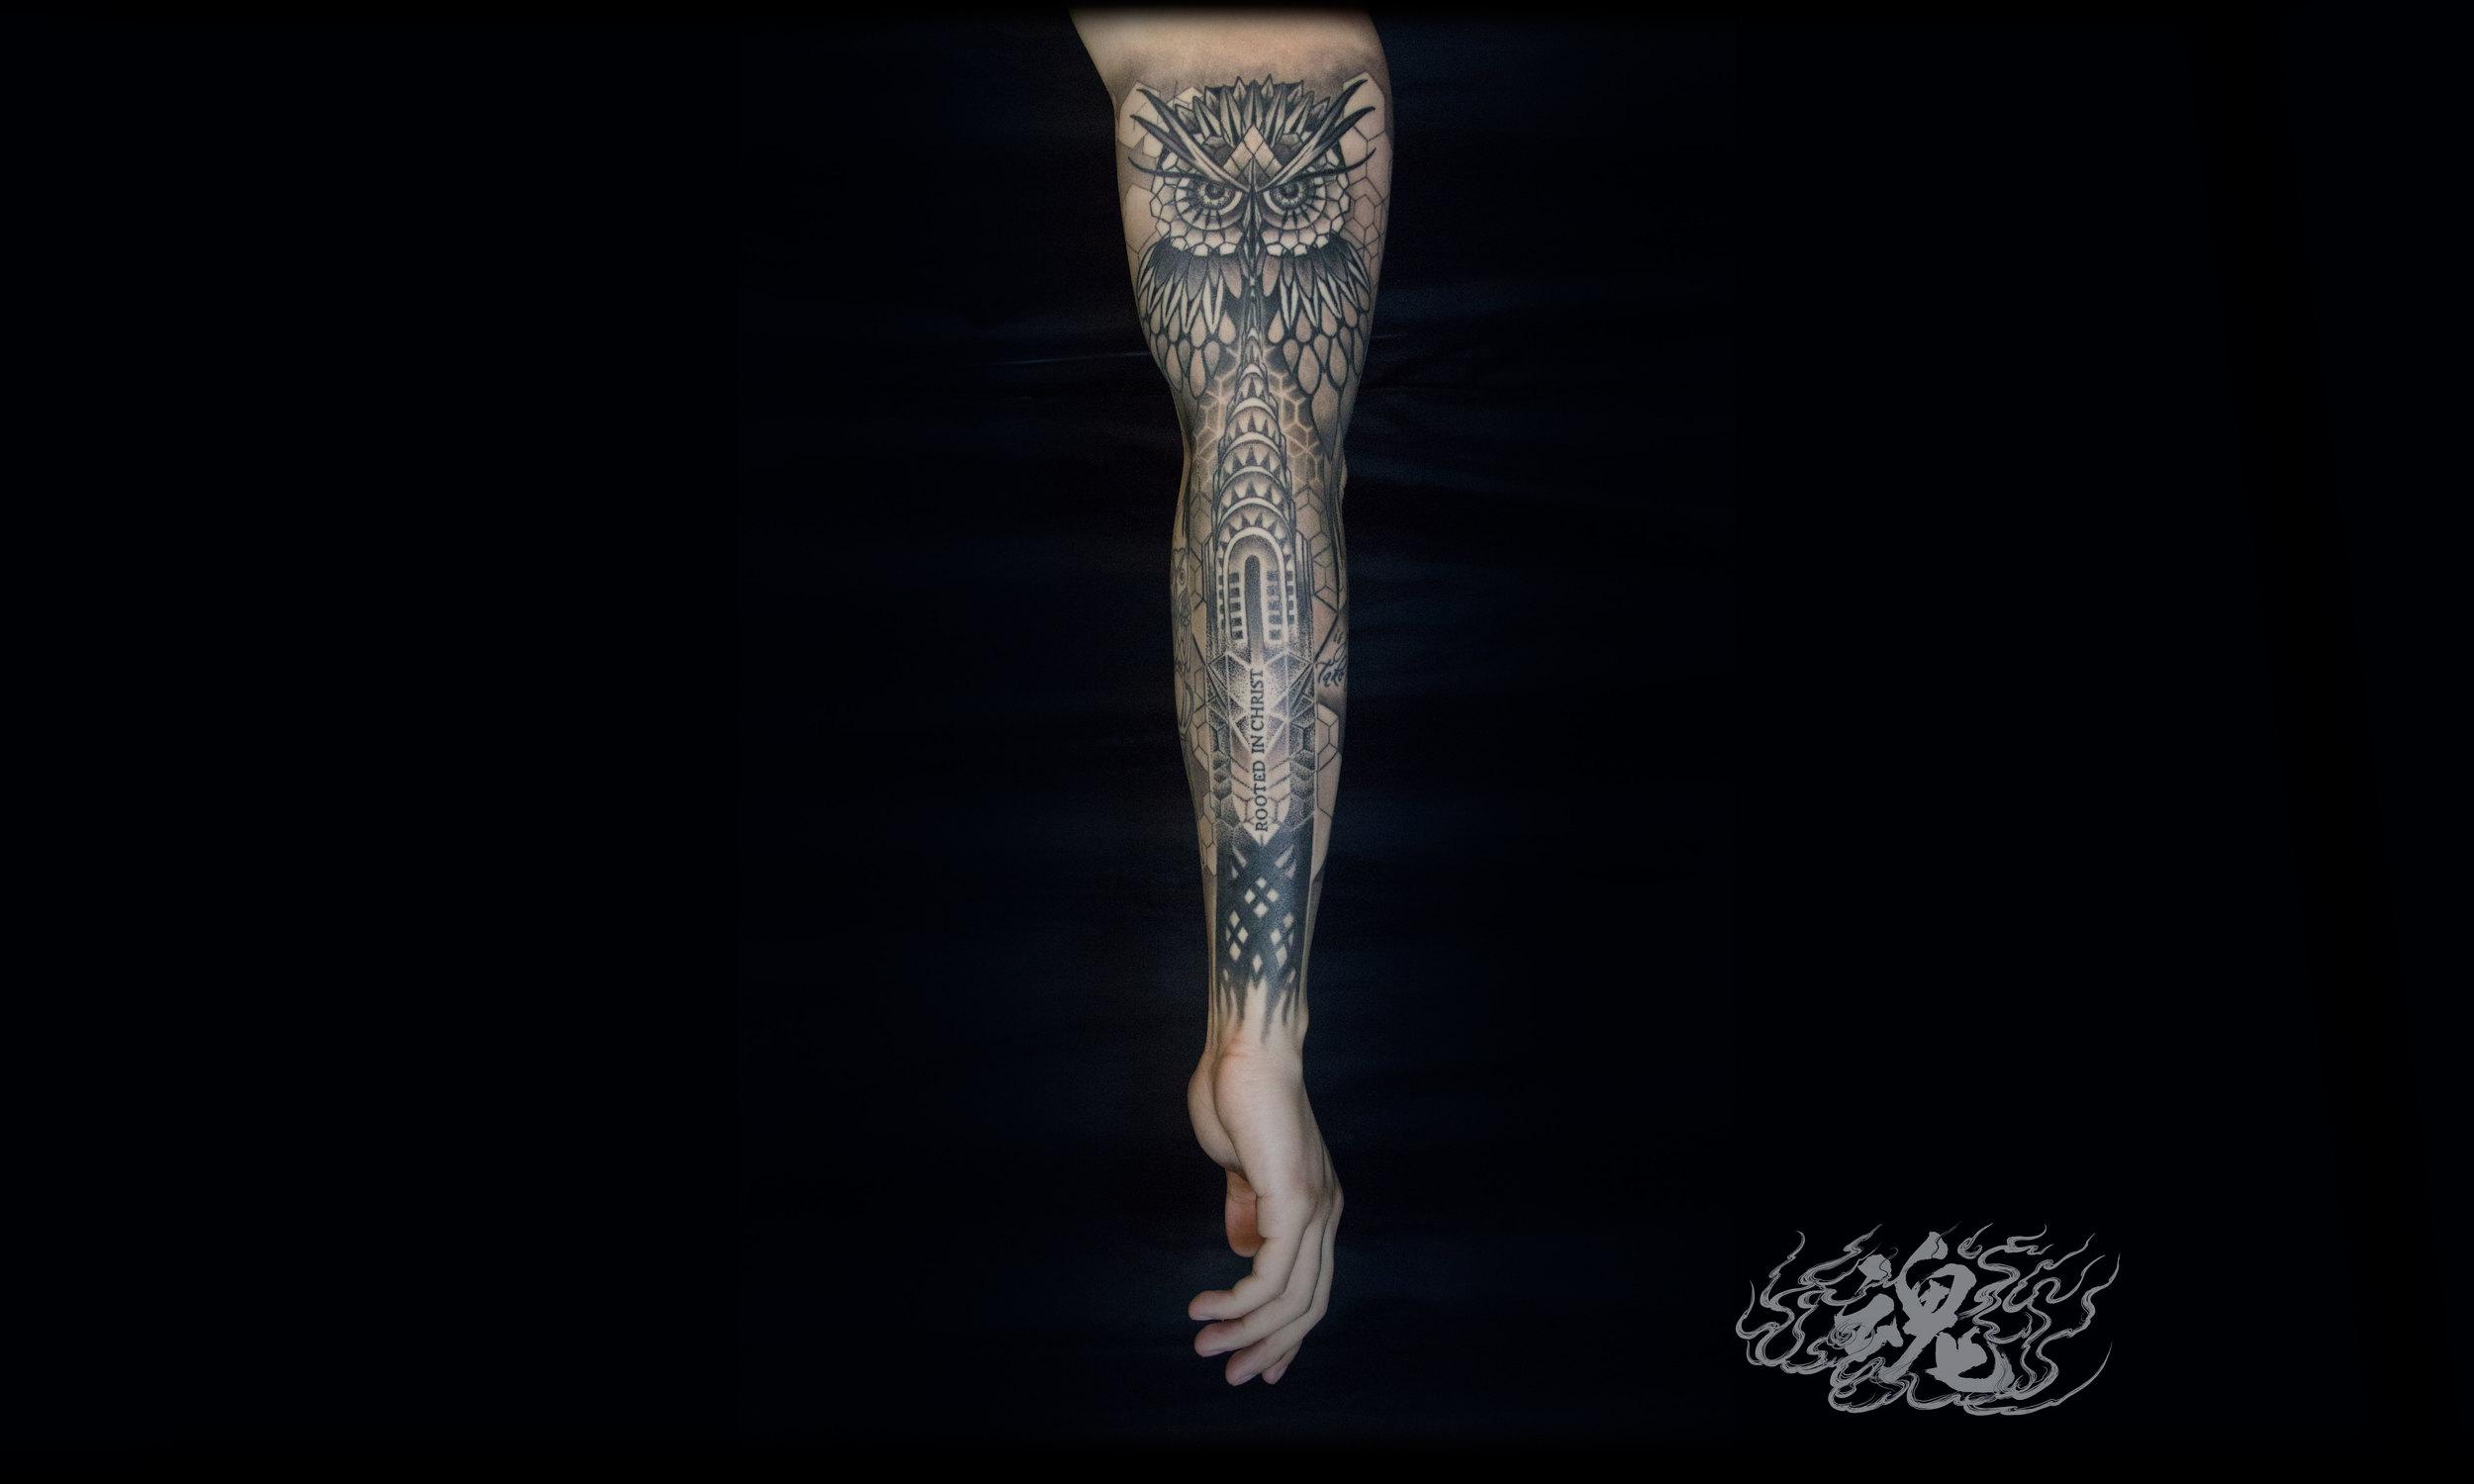 Vagrant_Souls_NYC_Geometric_Owl_Brooklyn_Tattoo.jpg